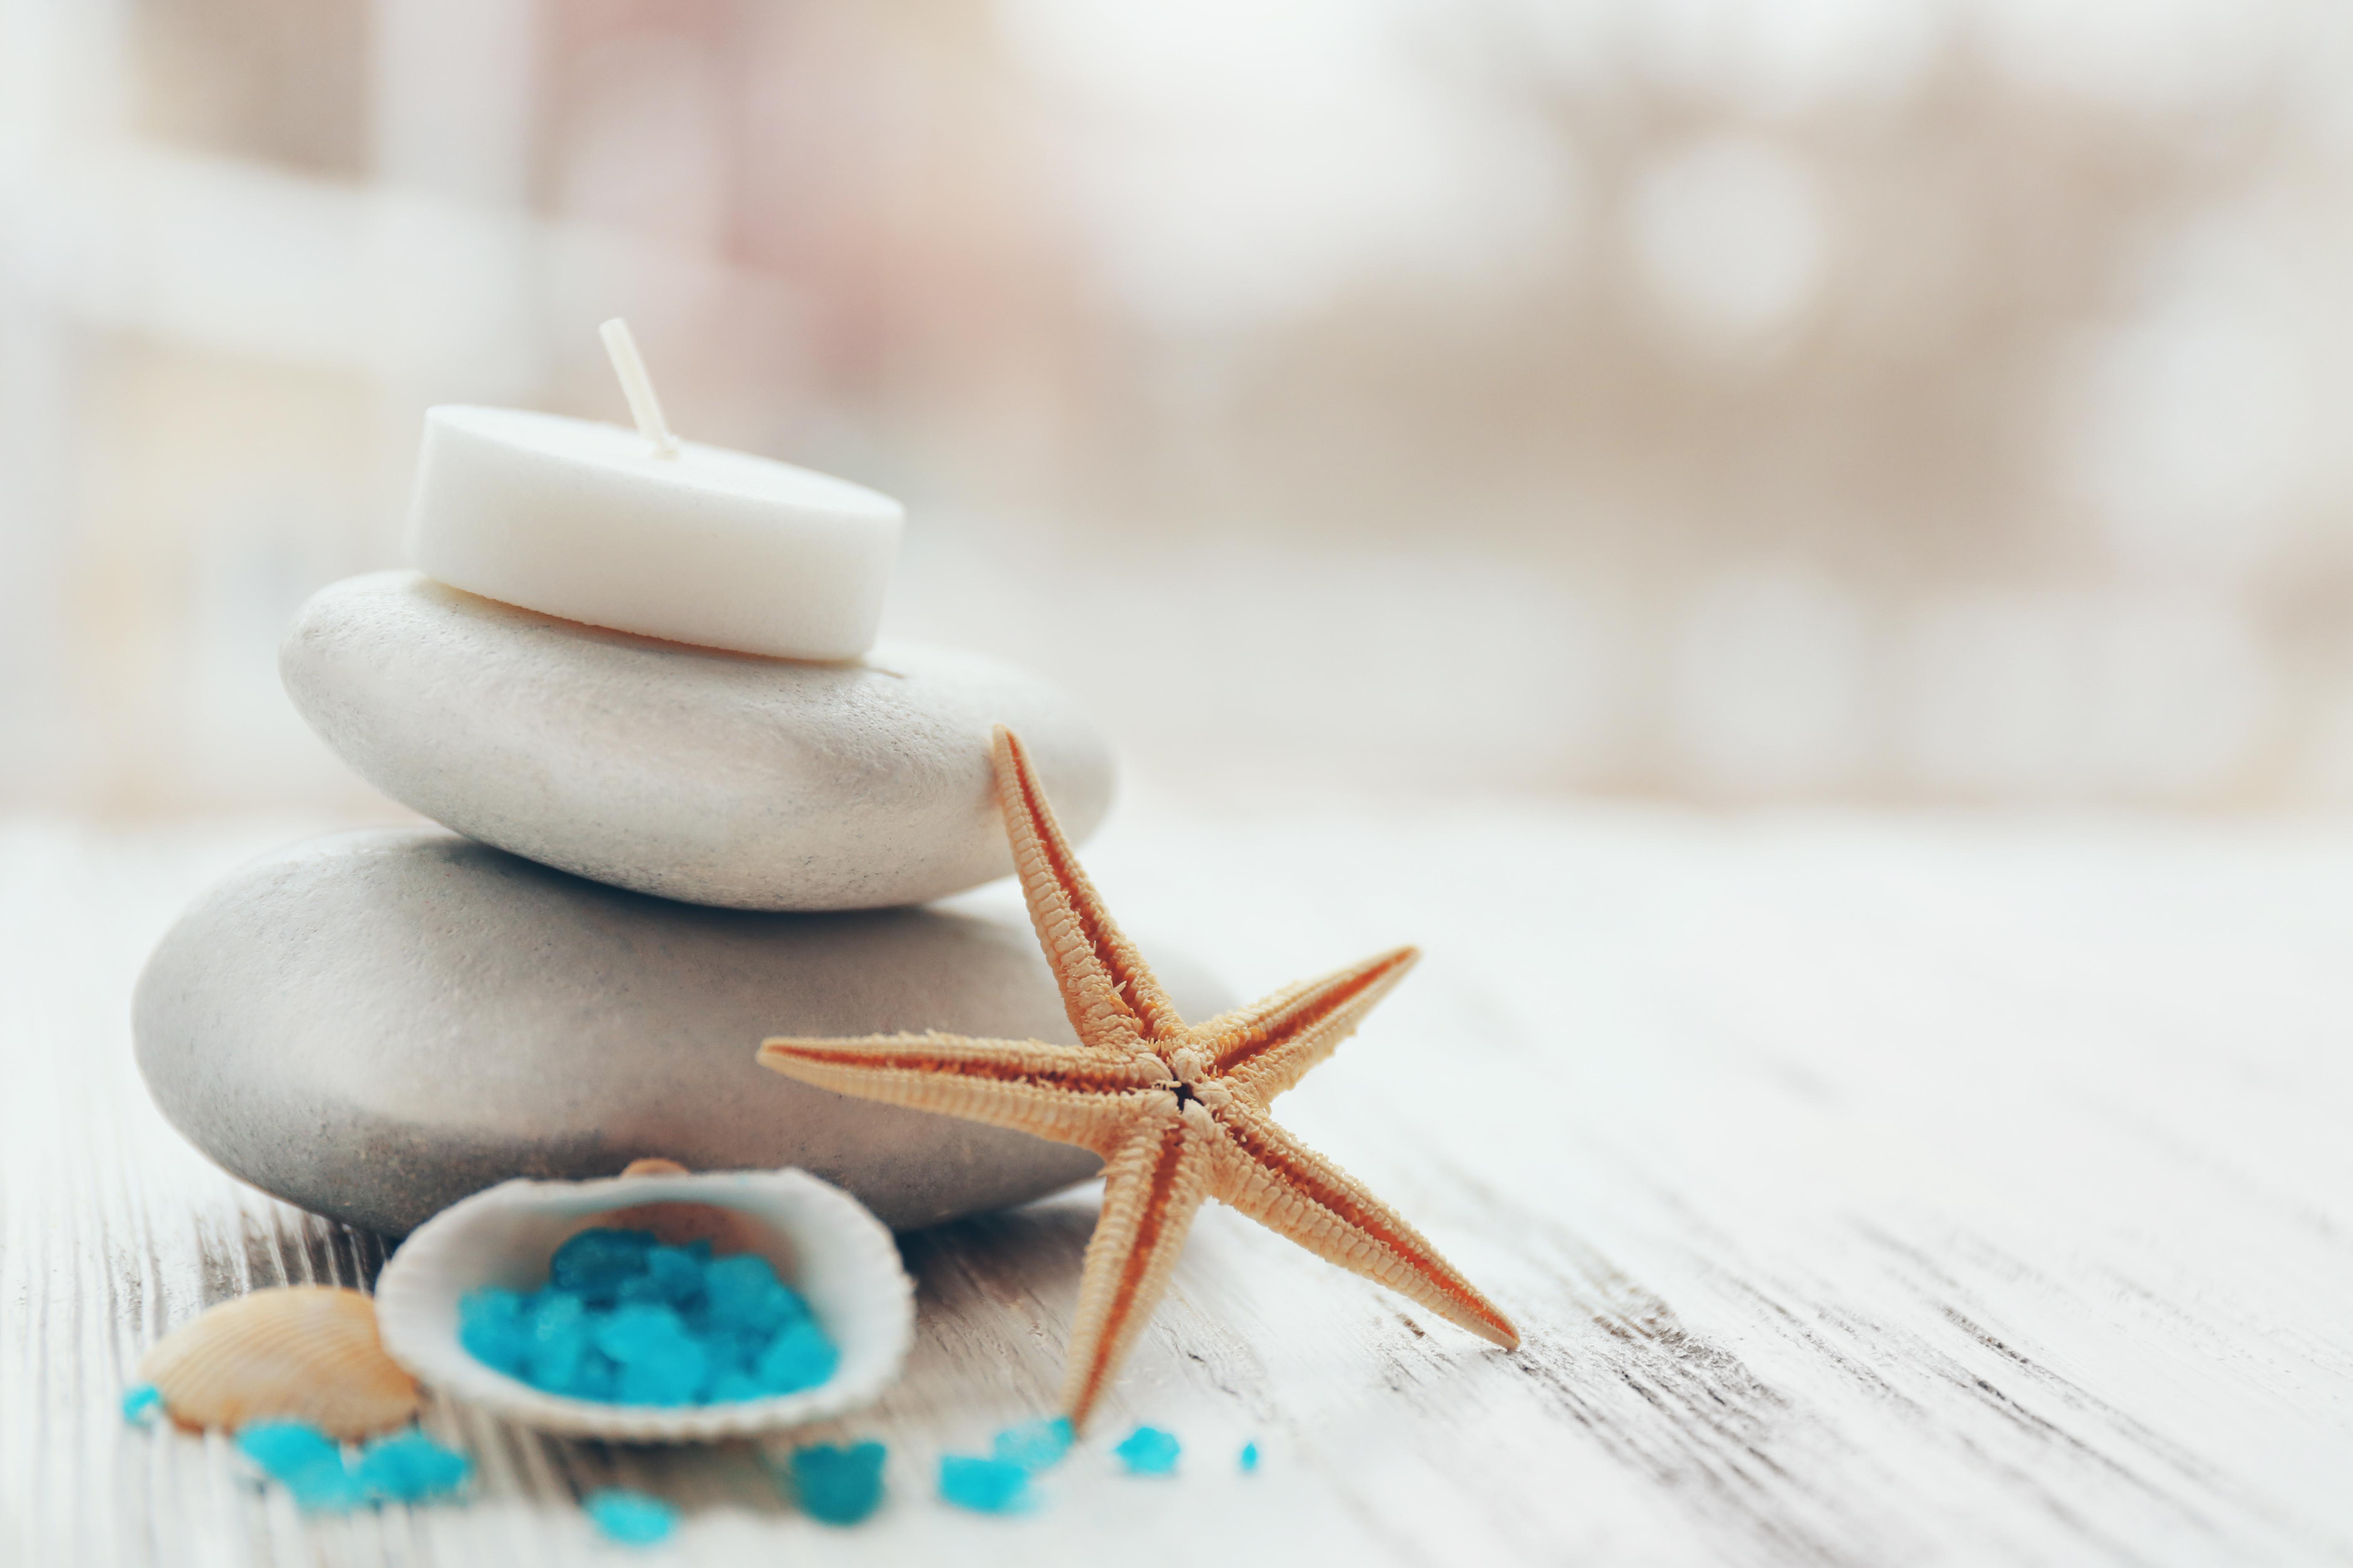 морская соль ракушки полотенце отдых скачать